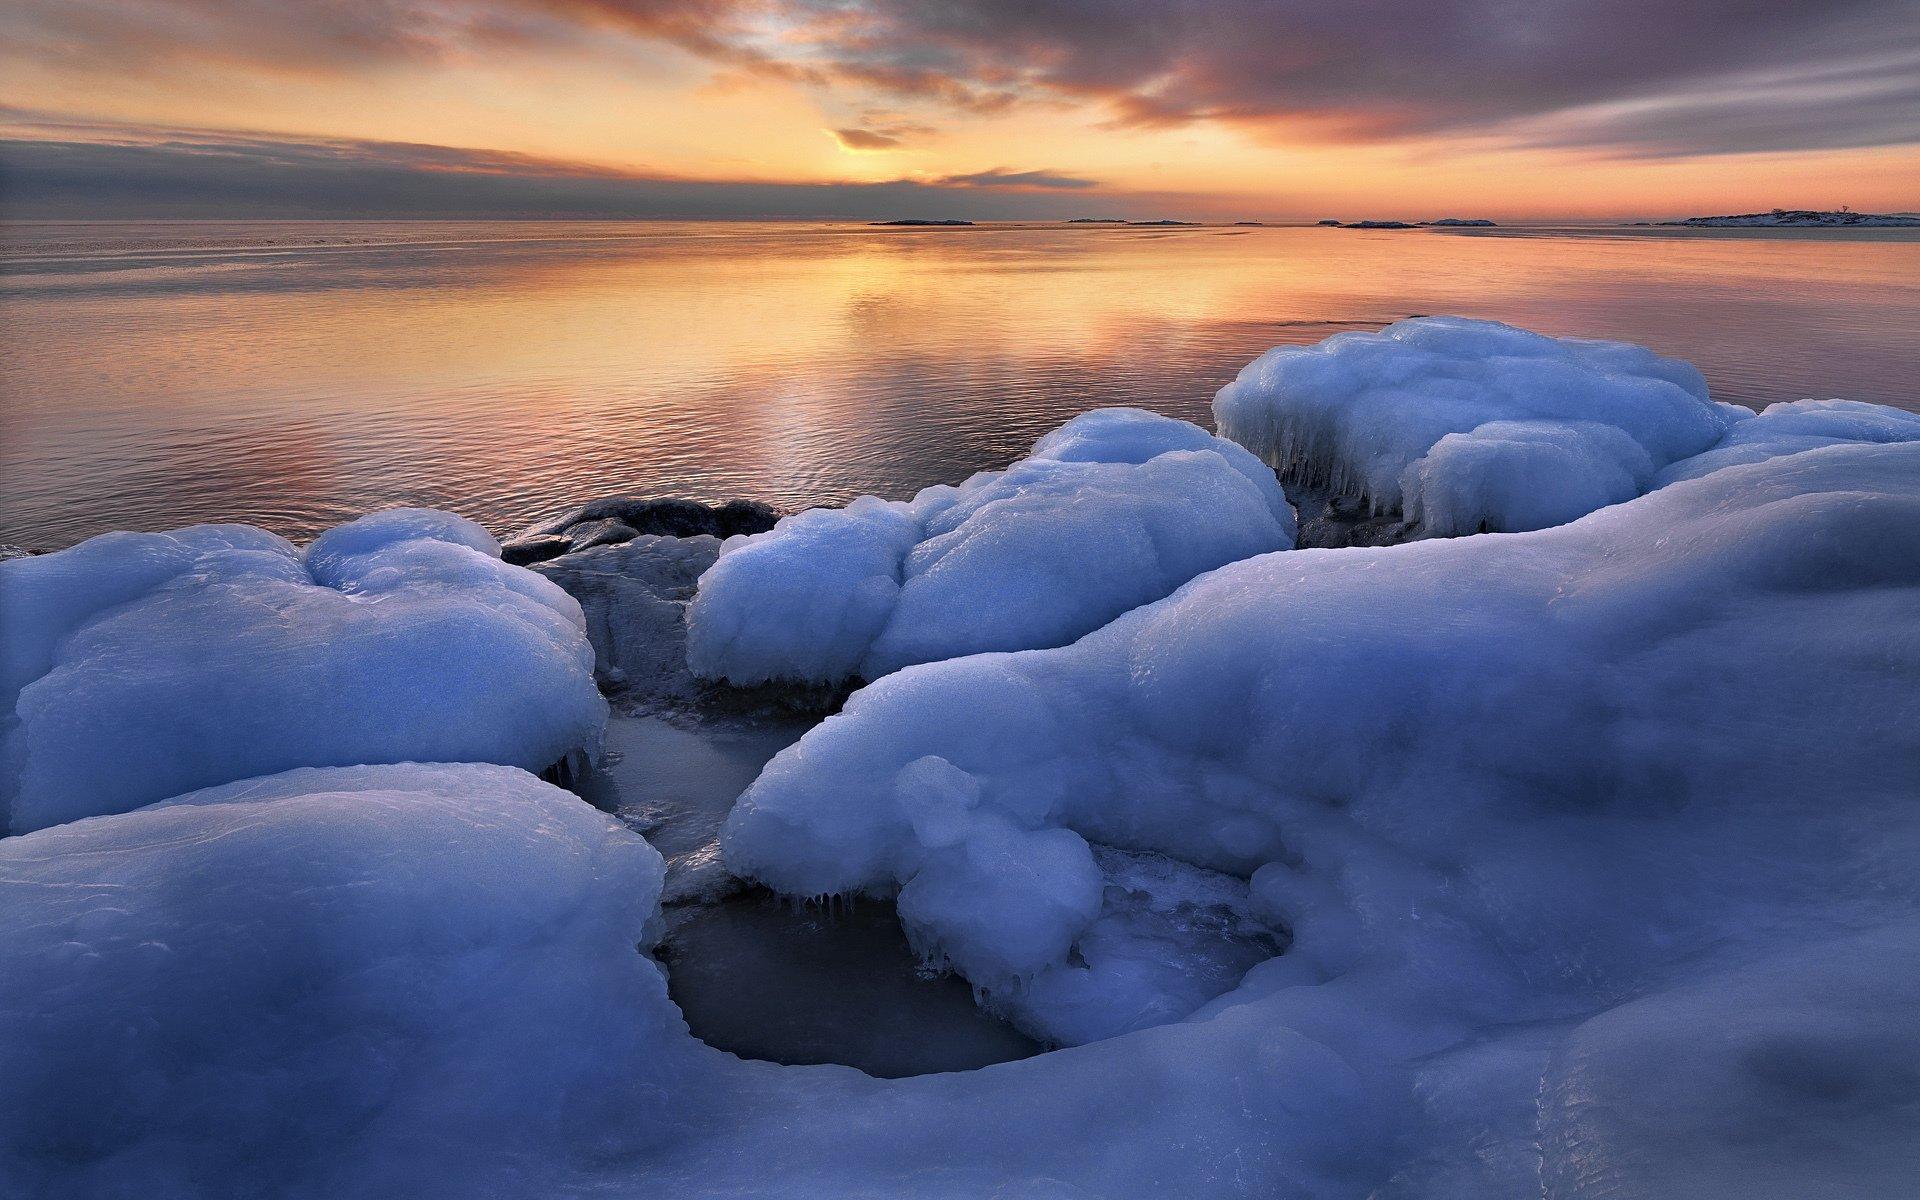 ледяные глыбы небо  № 2863167 загрузить